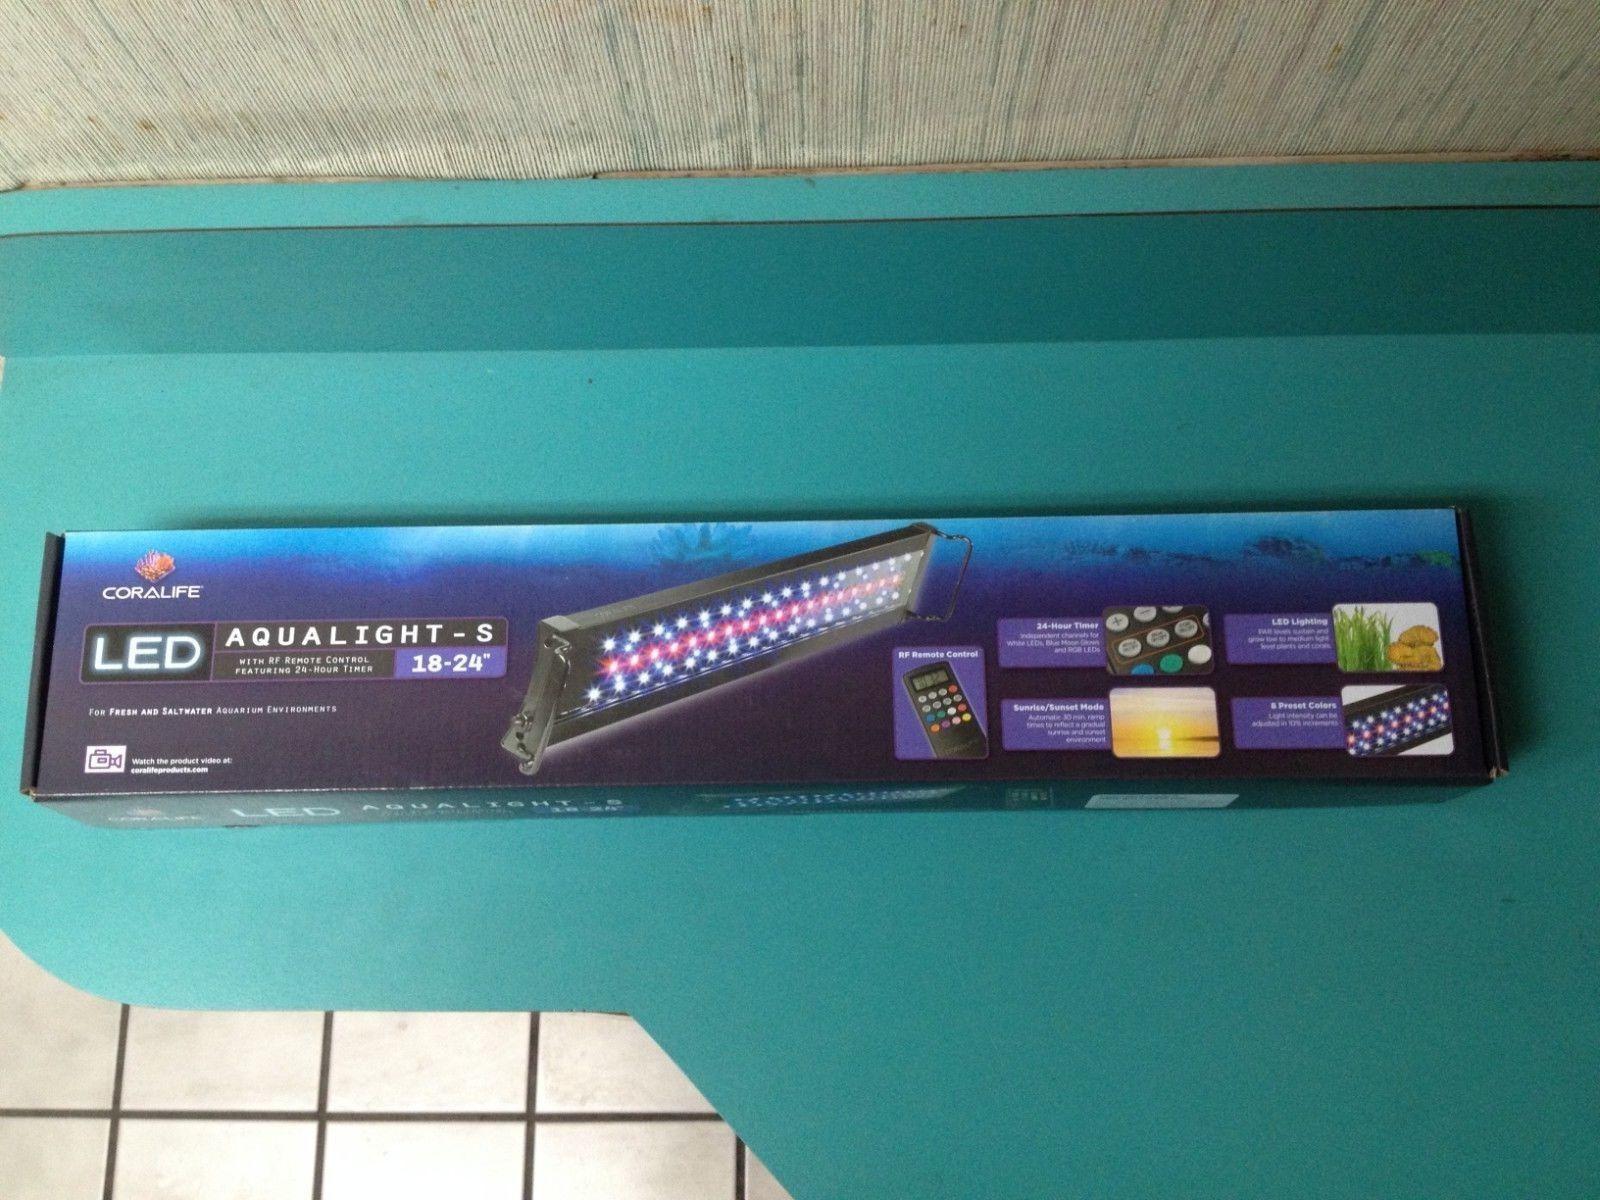 Coralife AquaLight-S LED Aquarium Light Fixture, 18 -24